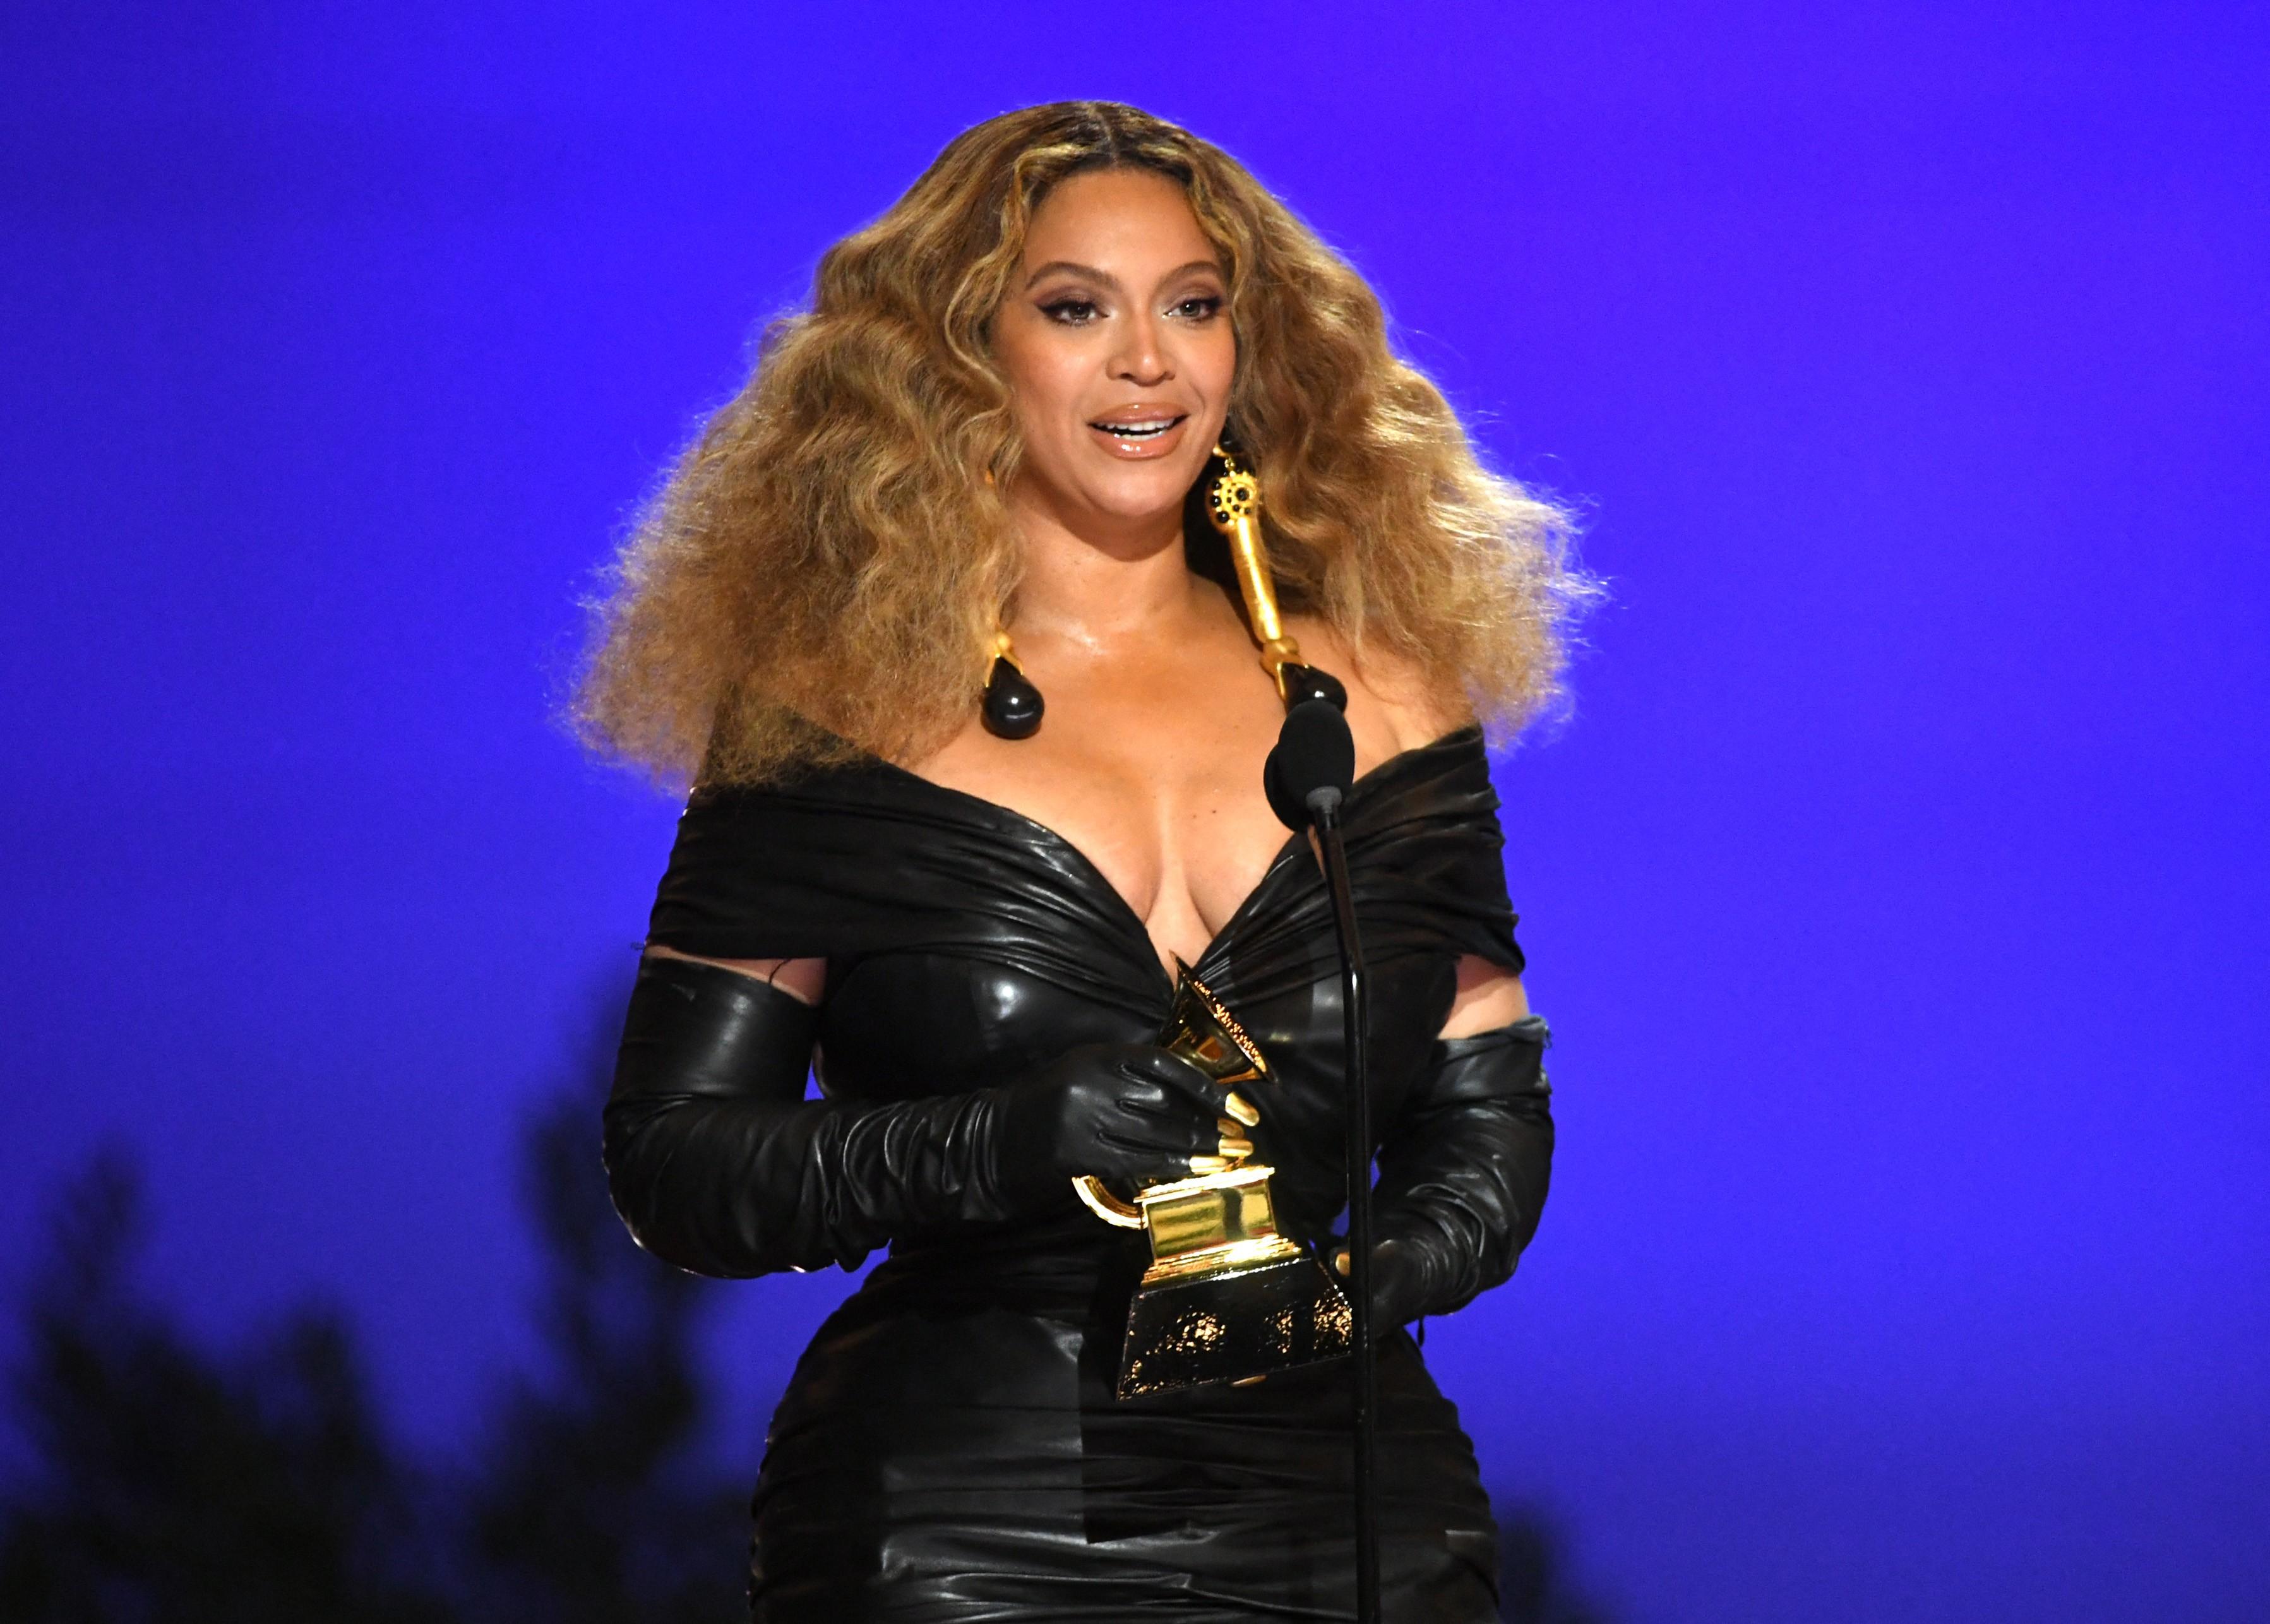 Mansão de Beyoncé pega fogo e polícia investiga incêndio criminoso